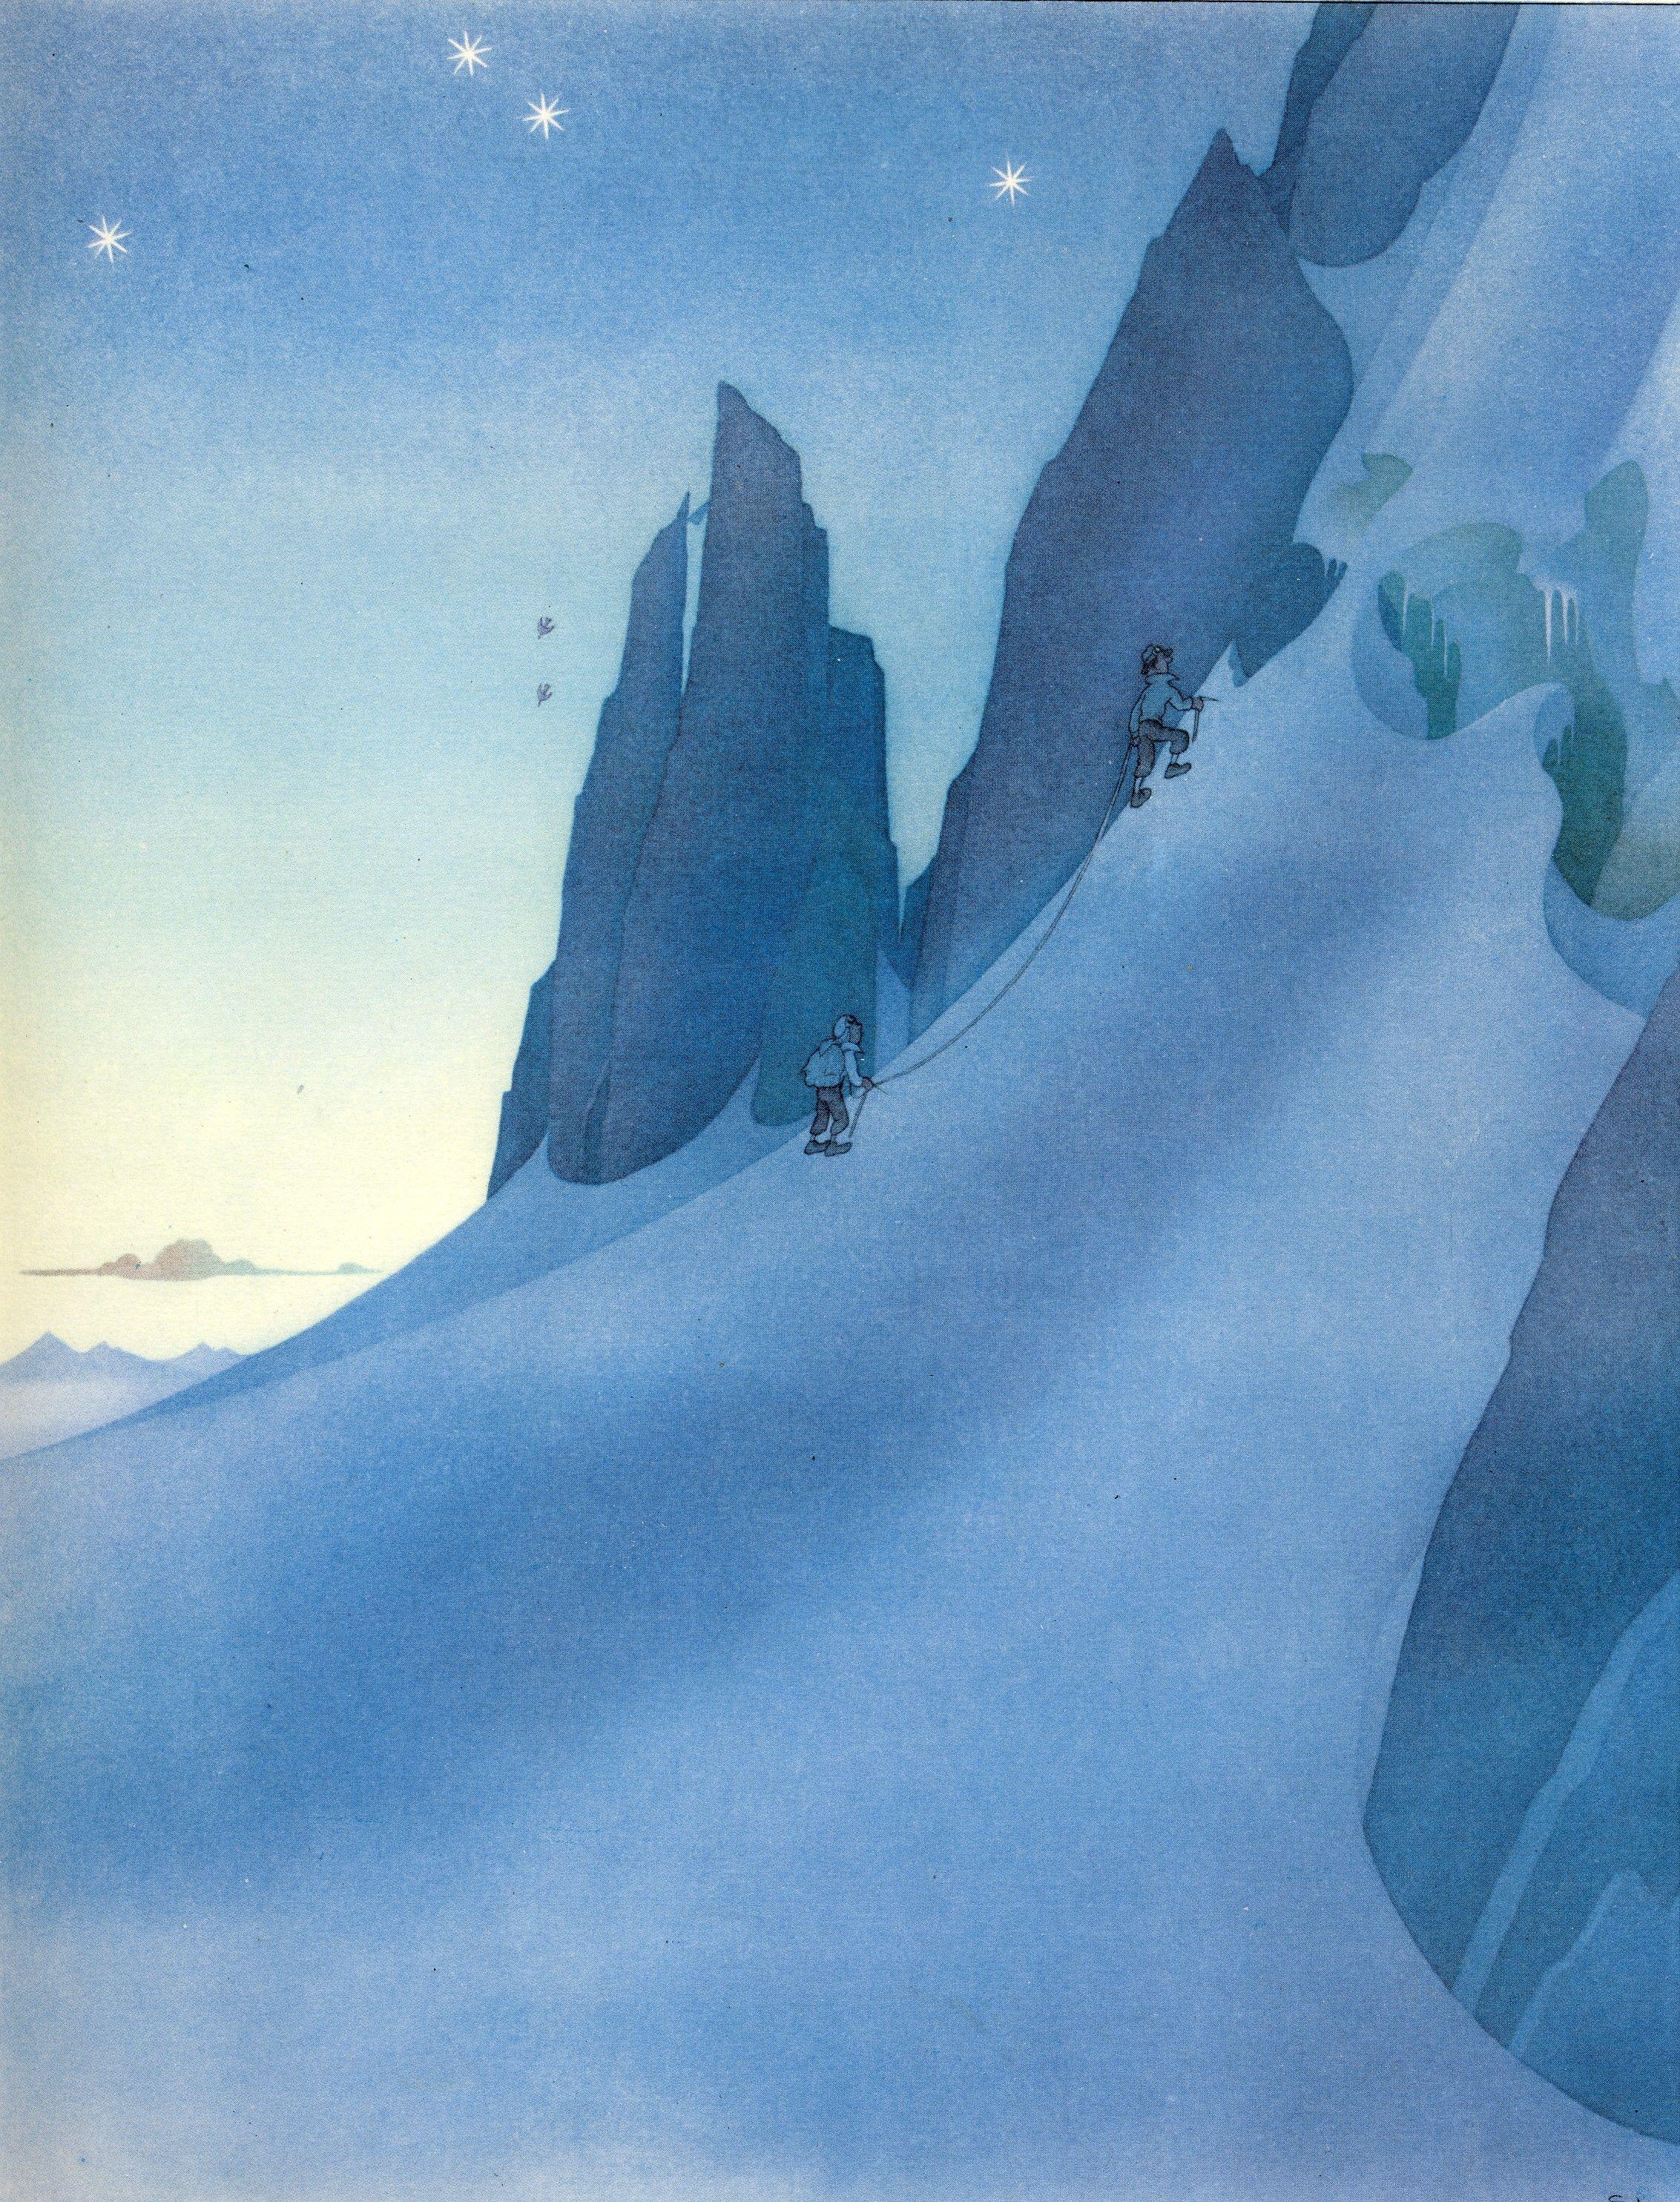 Epingle Par Tracy Newell Sur Samivel Dessin Montagne Art De